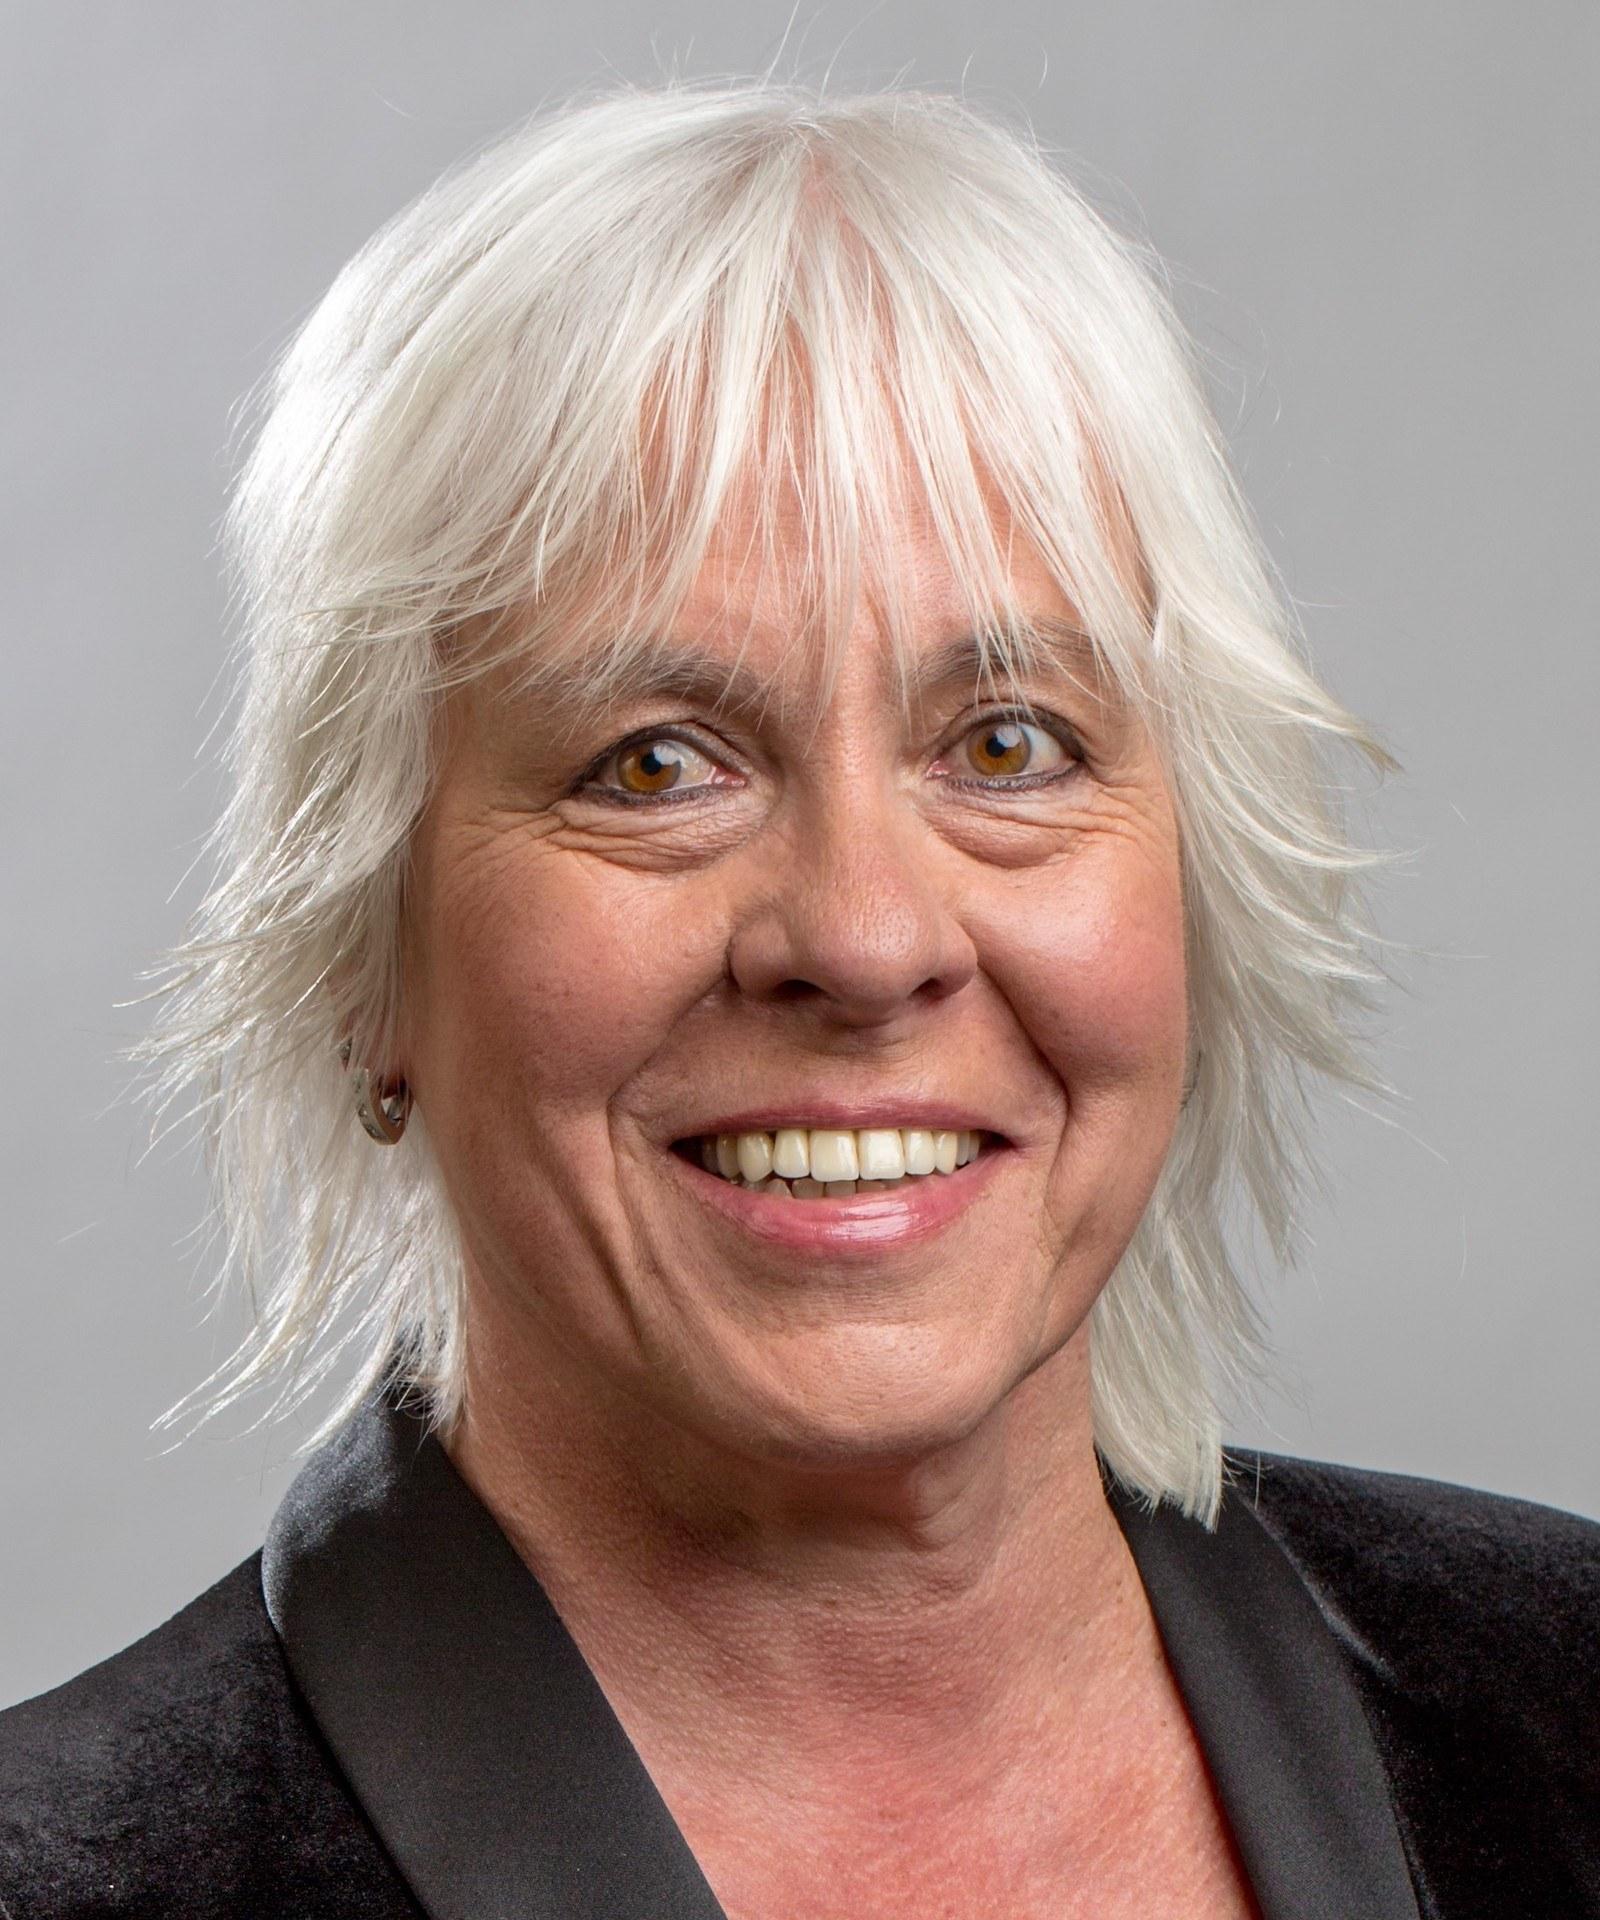 Porträt einer Frau mit weißblonden Haaren